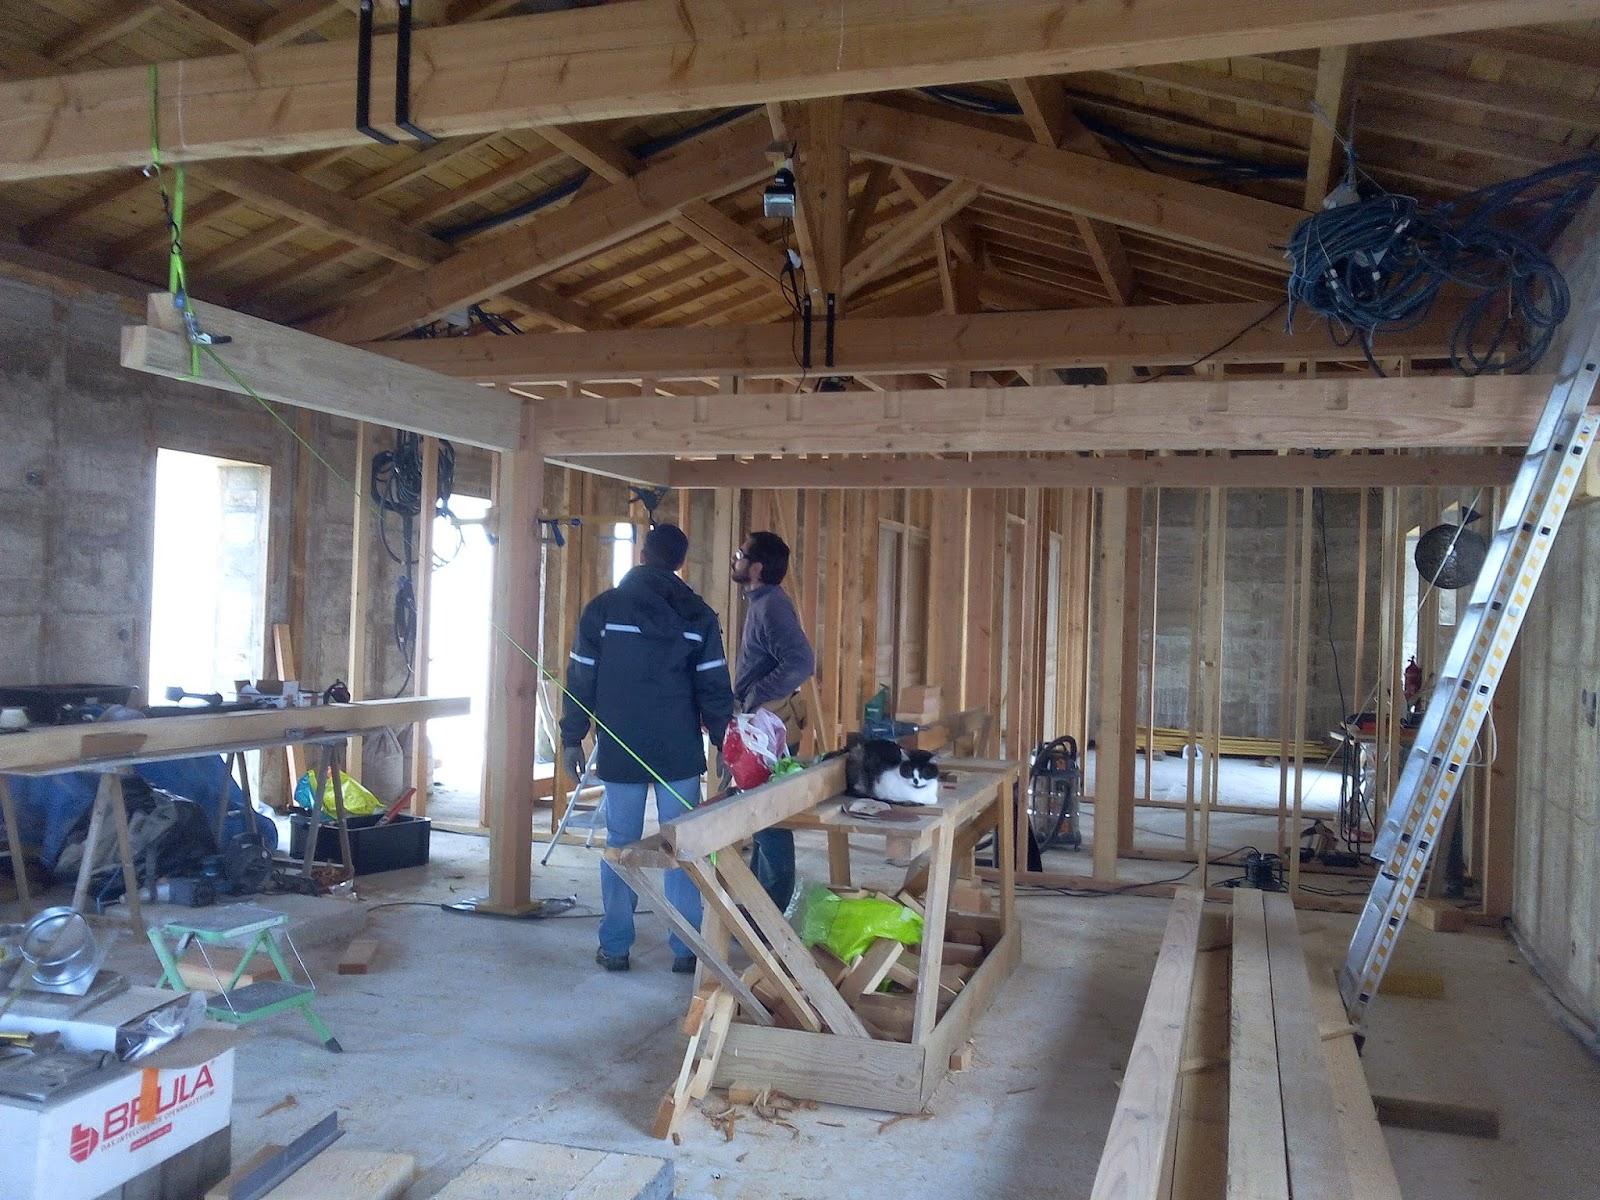 construire une mezzanine en bois interesting les deux bastaings qui se croisent au dessus du. Black Bedroom Furniture Sets. Home Design Ideas